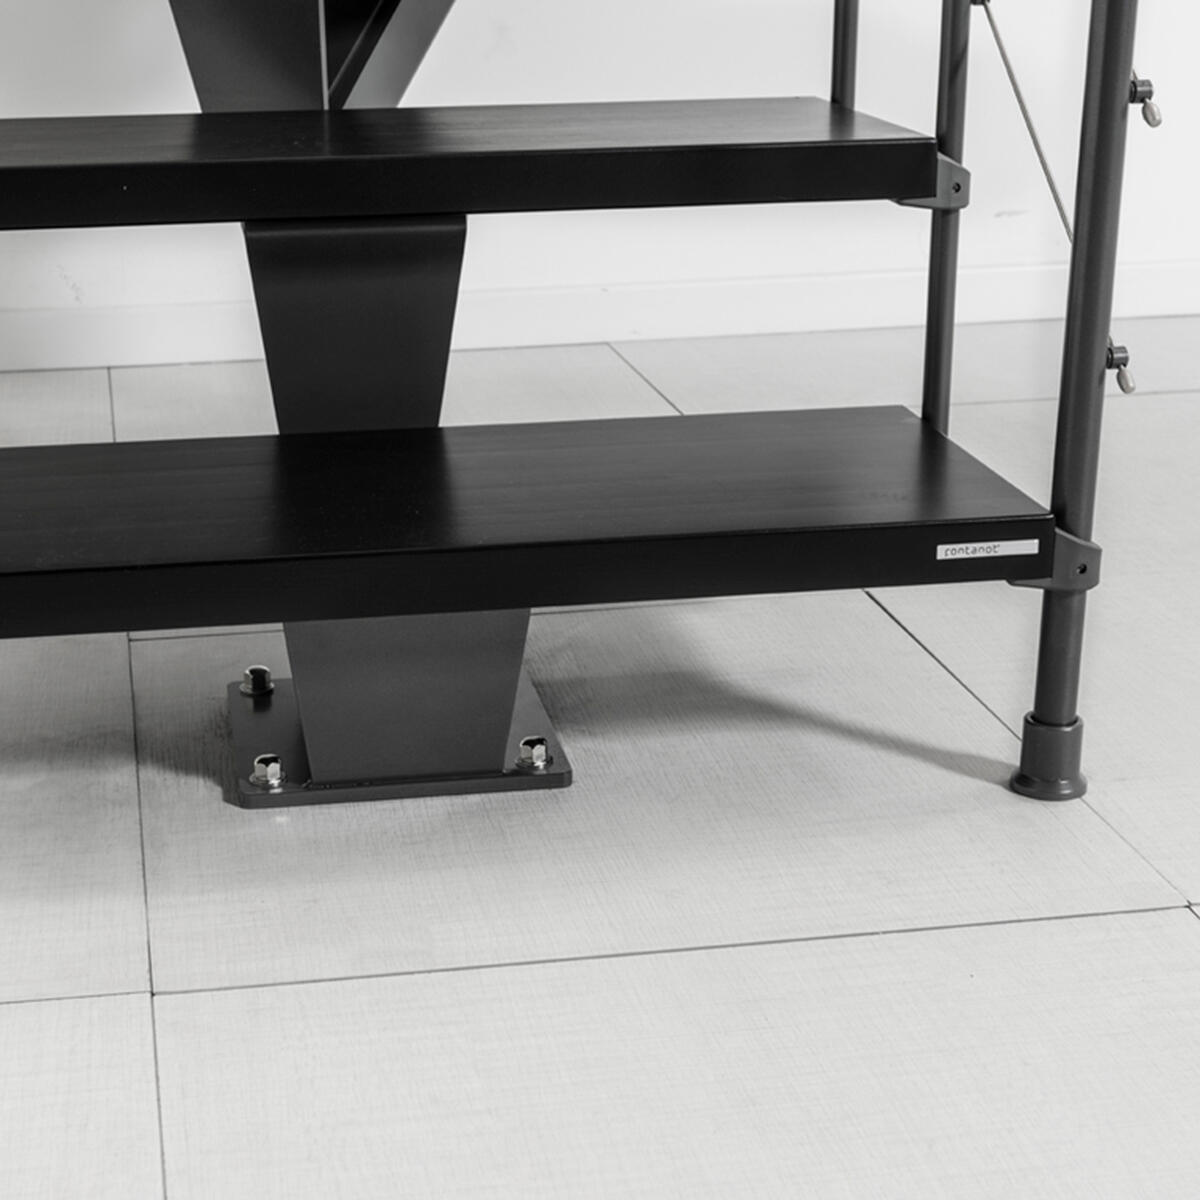 Scala a rampa 1/4 di giro Mas FONTANOT L 85 cm, gradino grigio antracite scuro, struttura antracite - 20